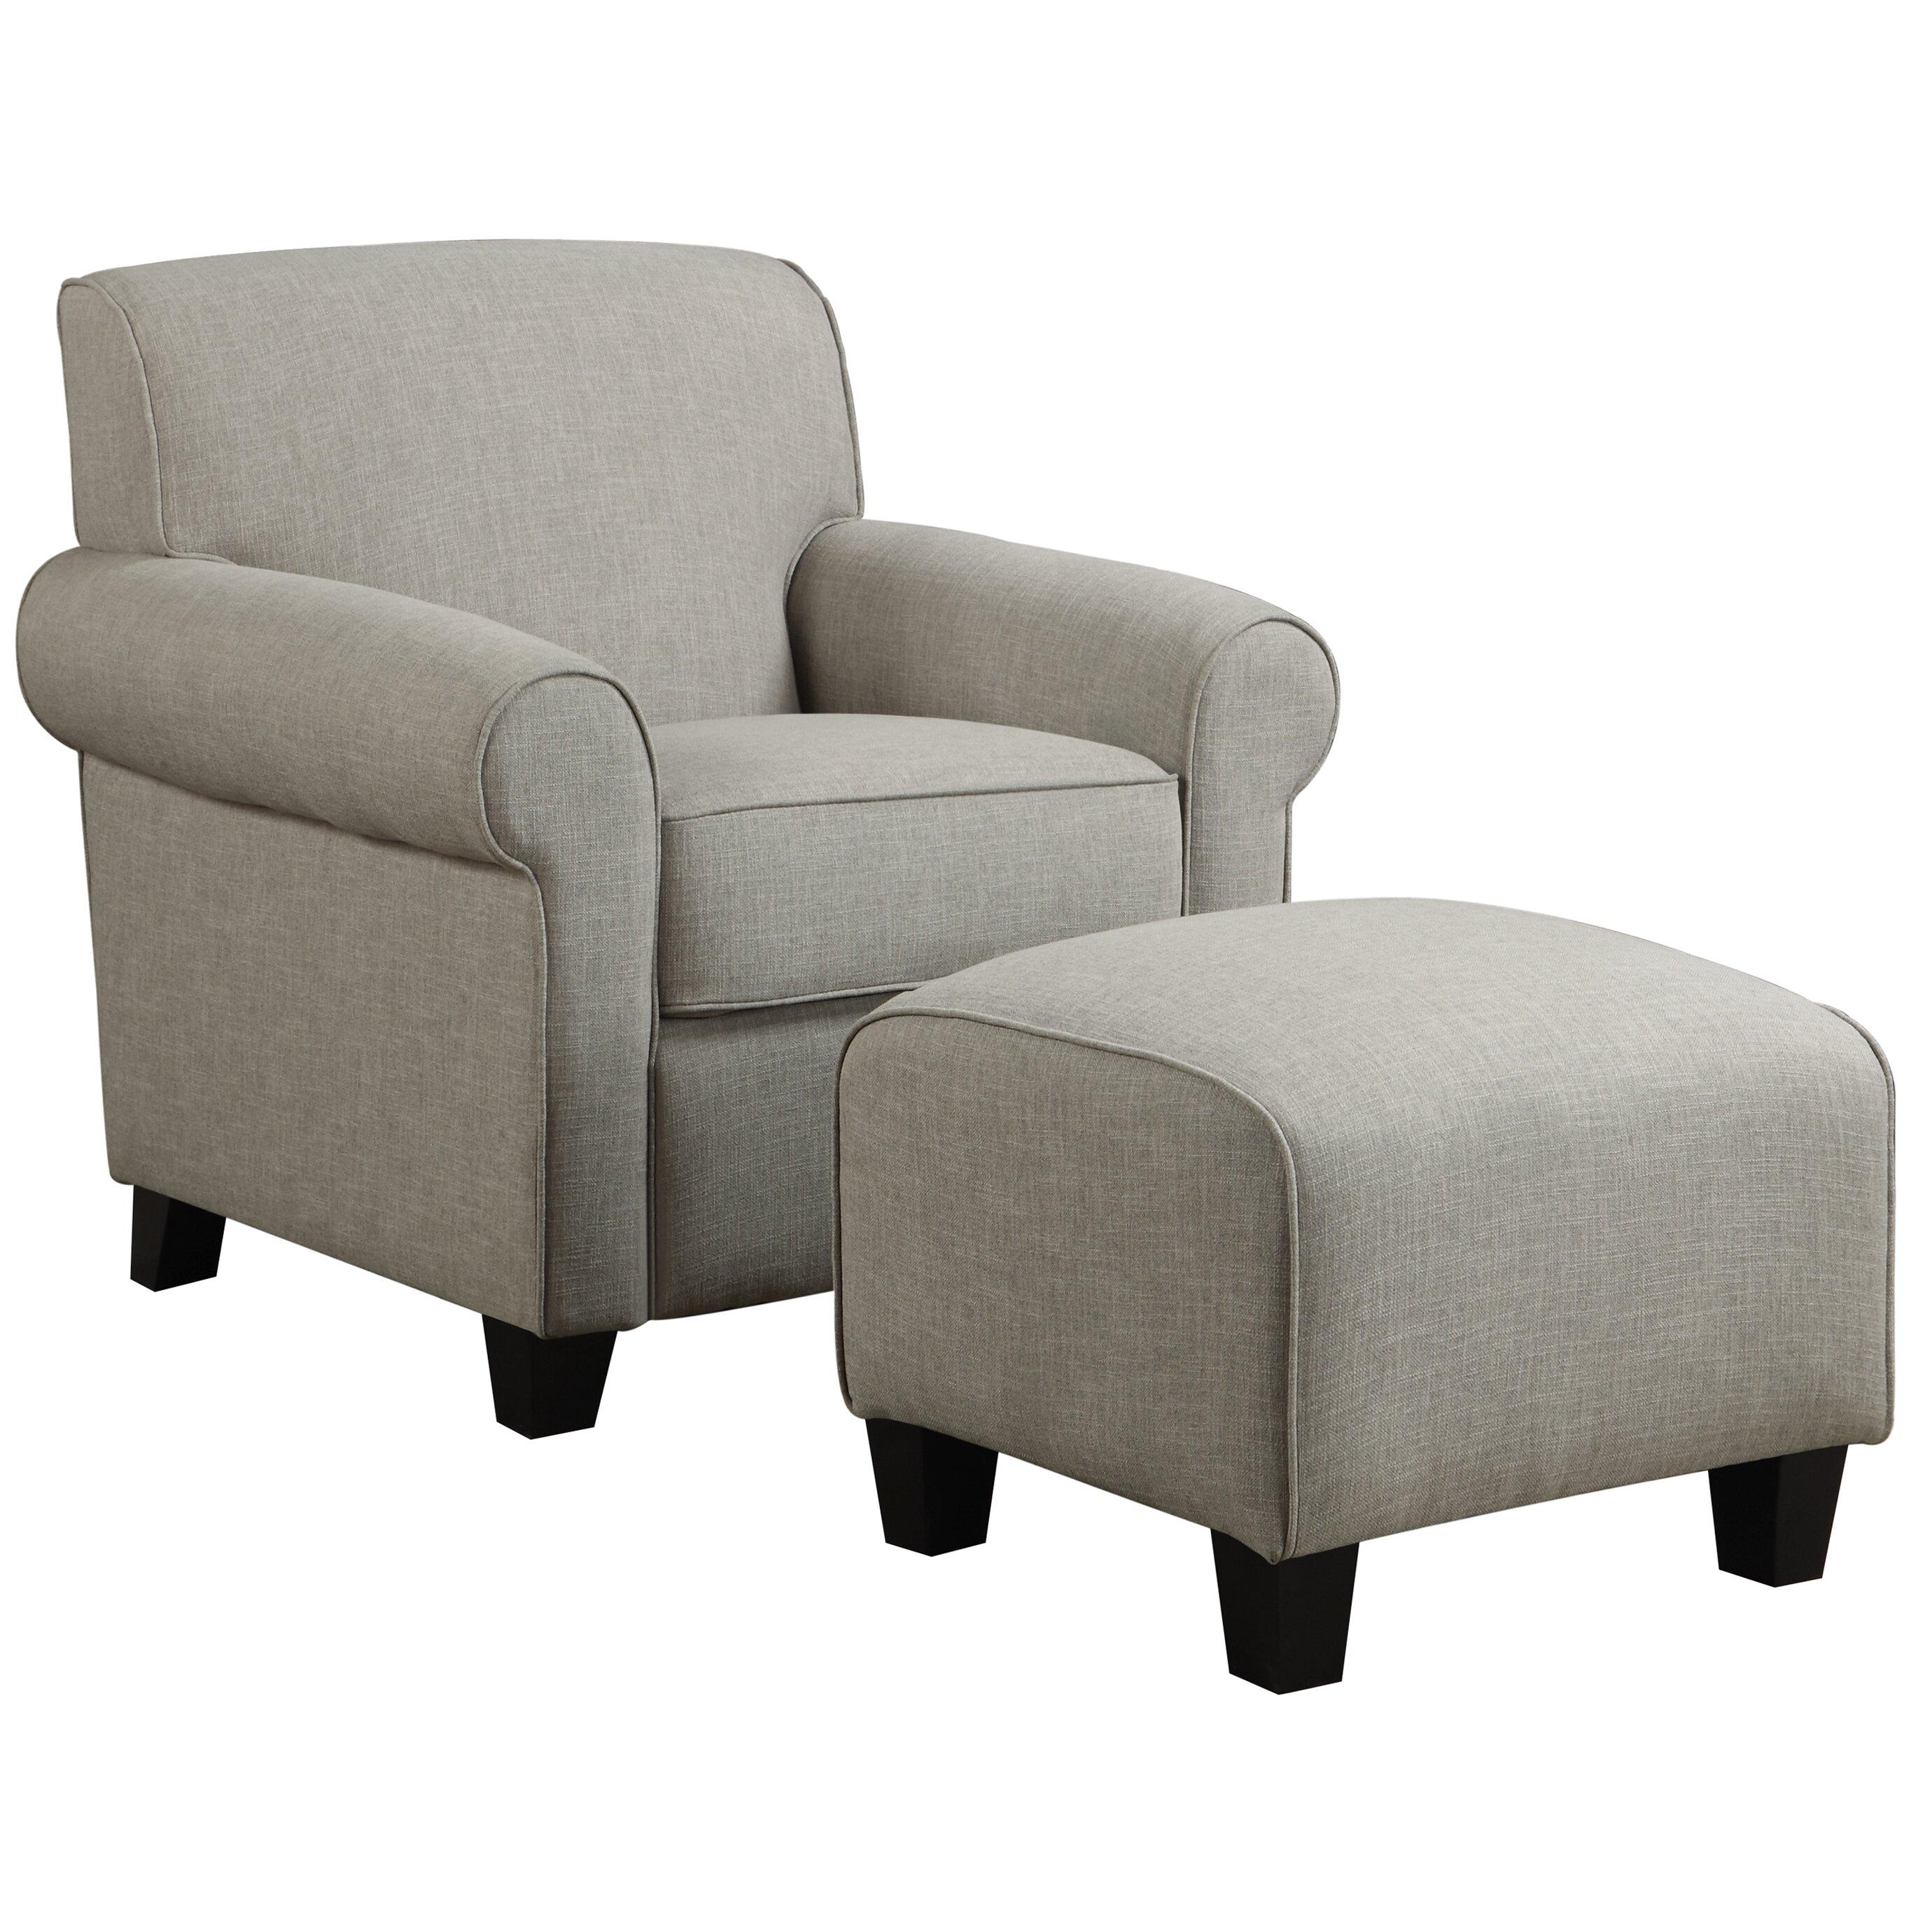 Alcott Hill Oldbury Arm Chair And Ottoman Amp Reviews Wayfair